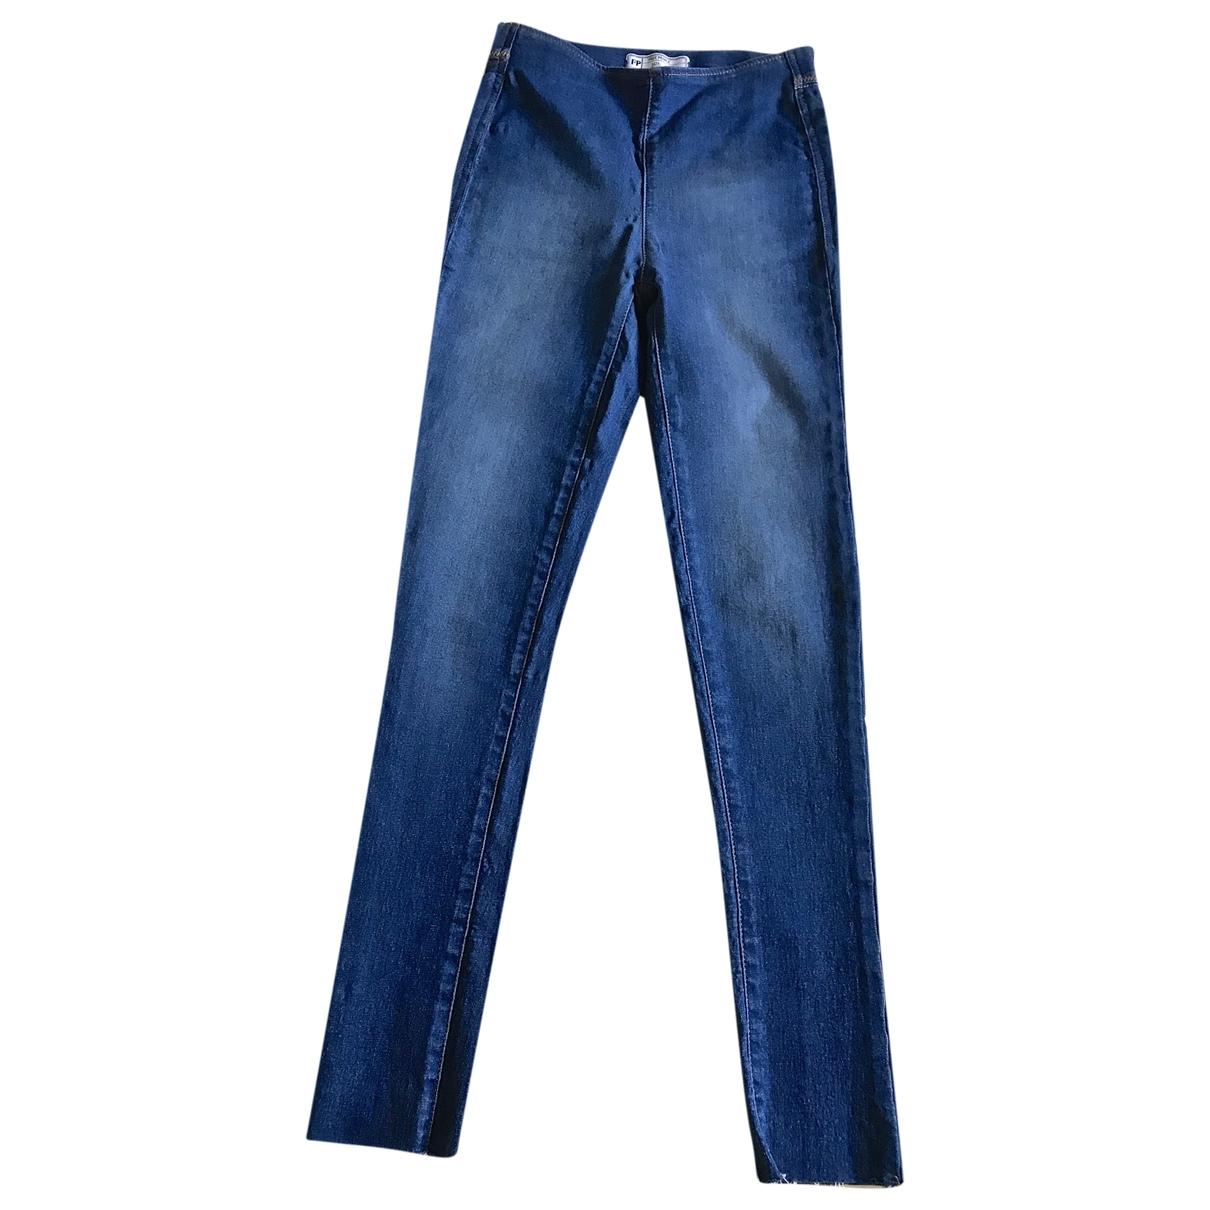 Free People \N Blue Denim - Jeans Trousers for Women XS International